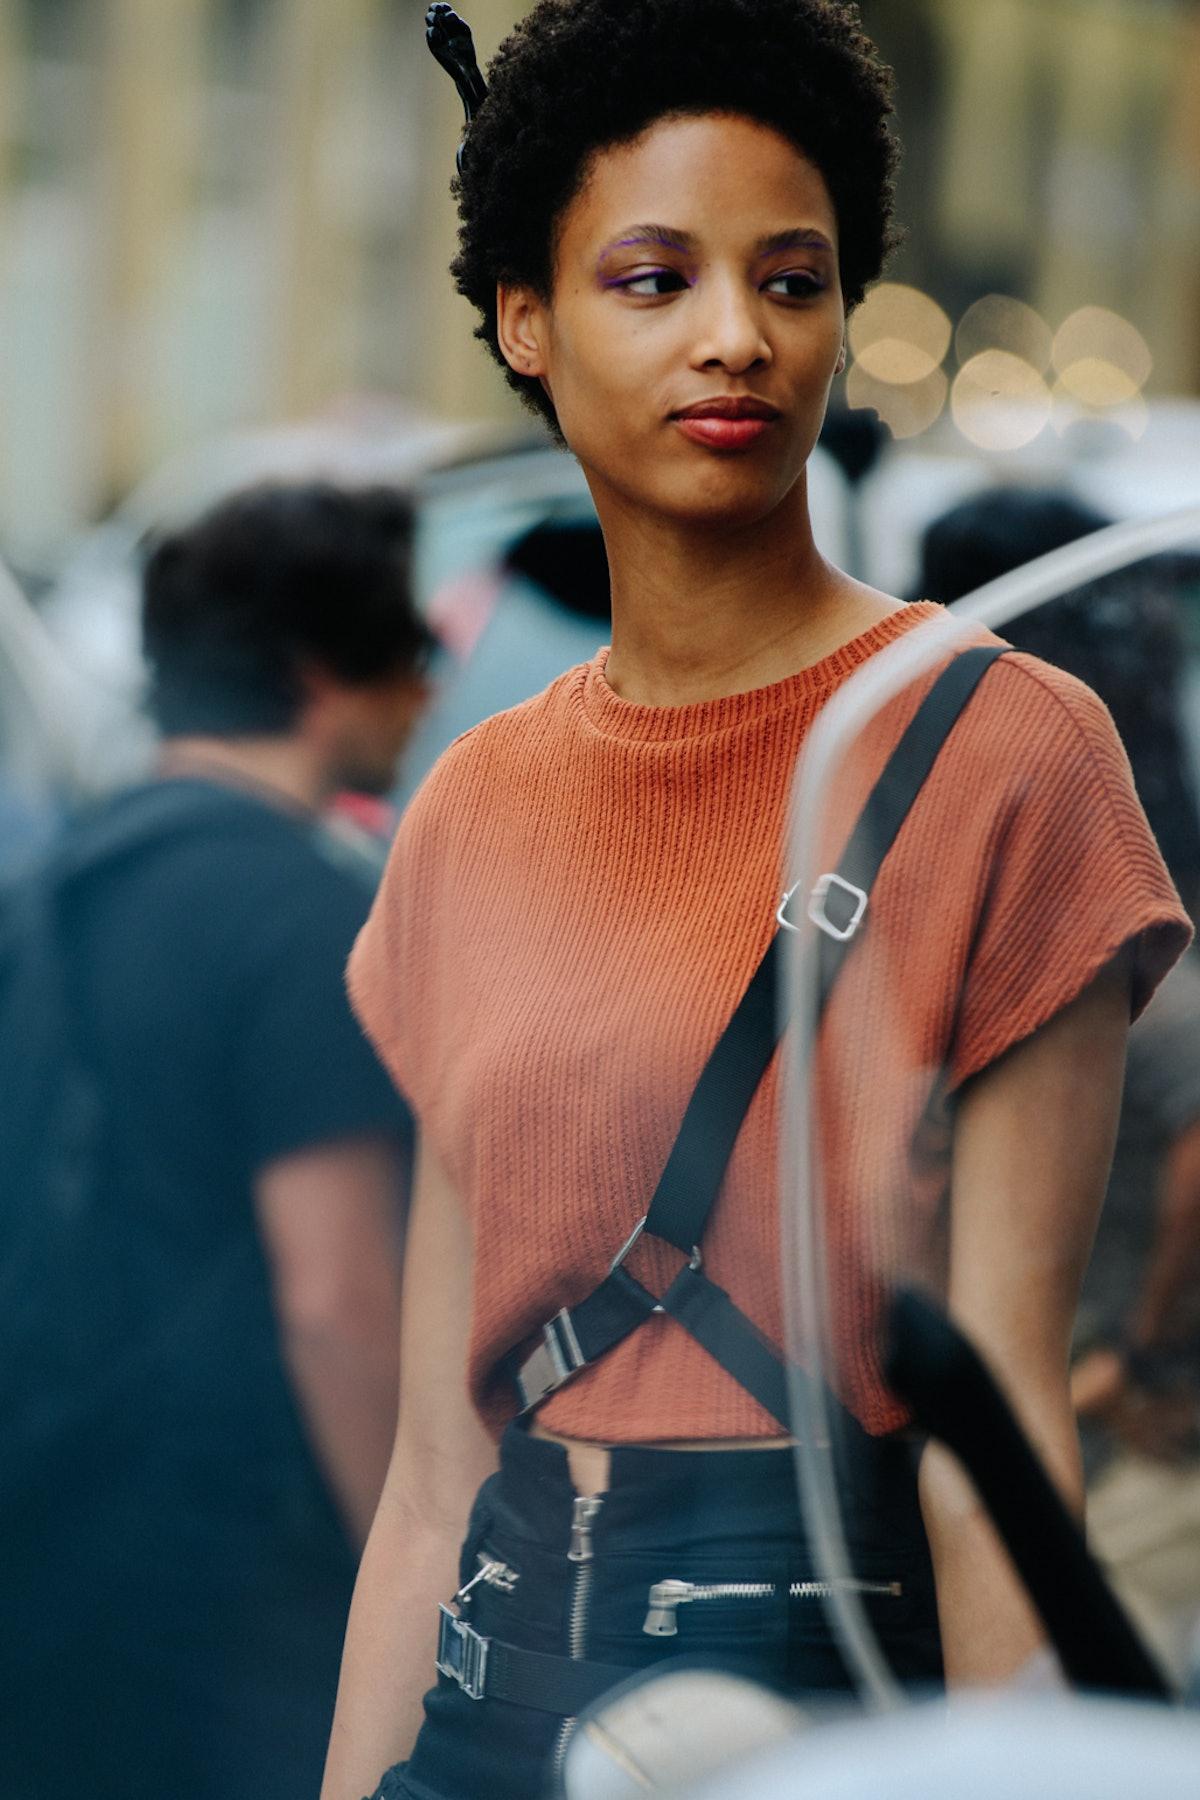 Adam-Katz-Sinding-W-Magazine-Milan-Fashion-Week-Spring-Summer-2020_AKS4161.jpg